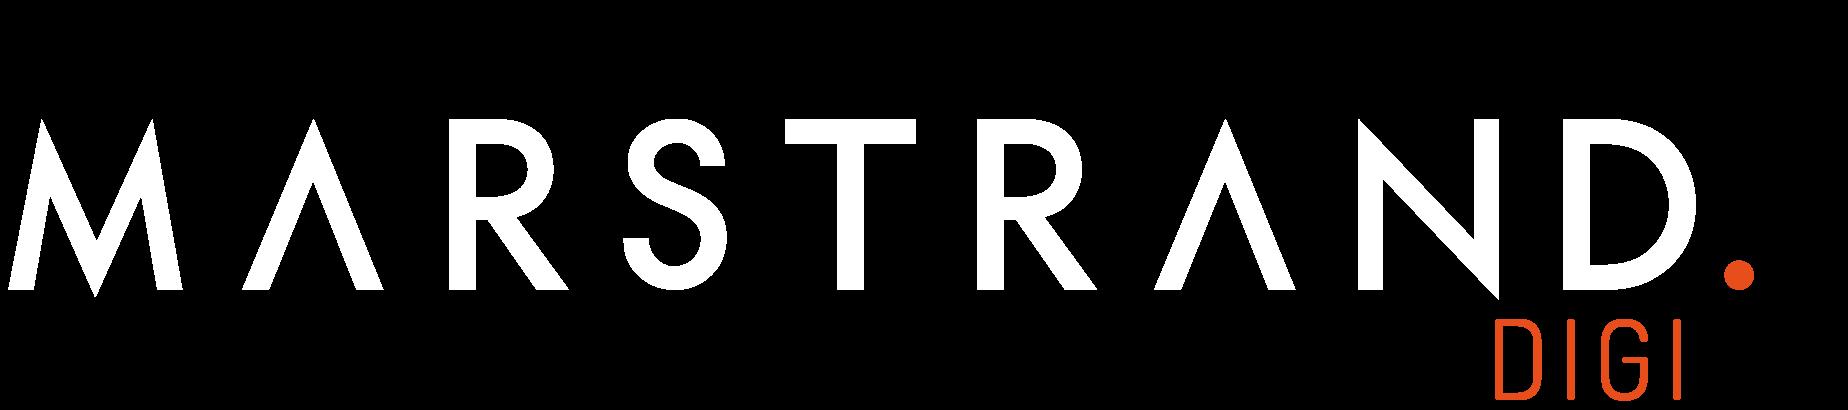 Marstrand_DIGI_crop_venstre_digitaliseringsprosjekter